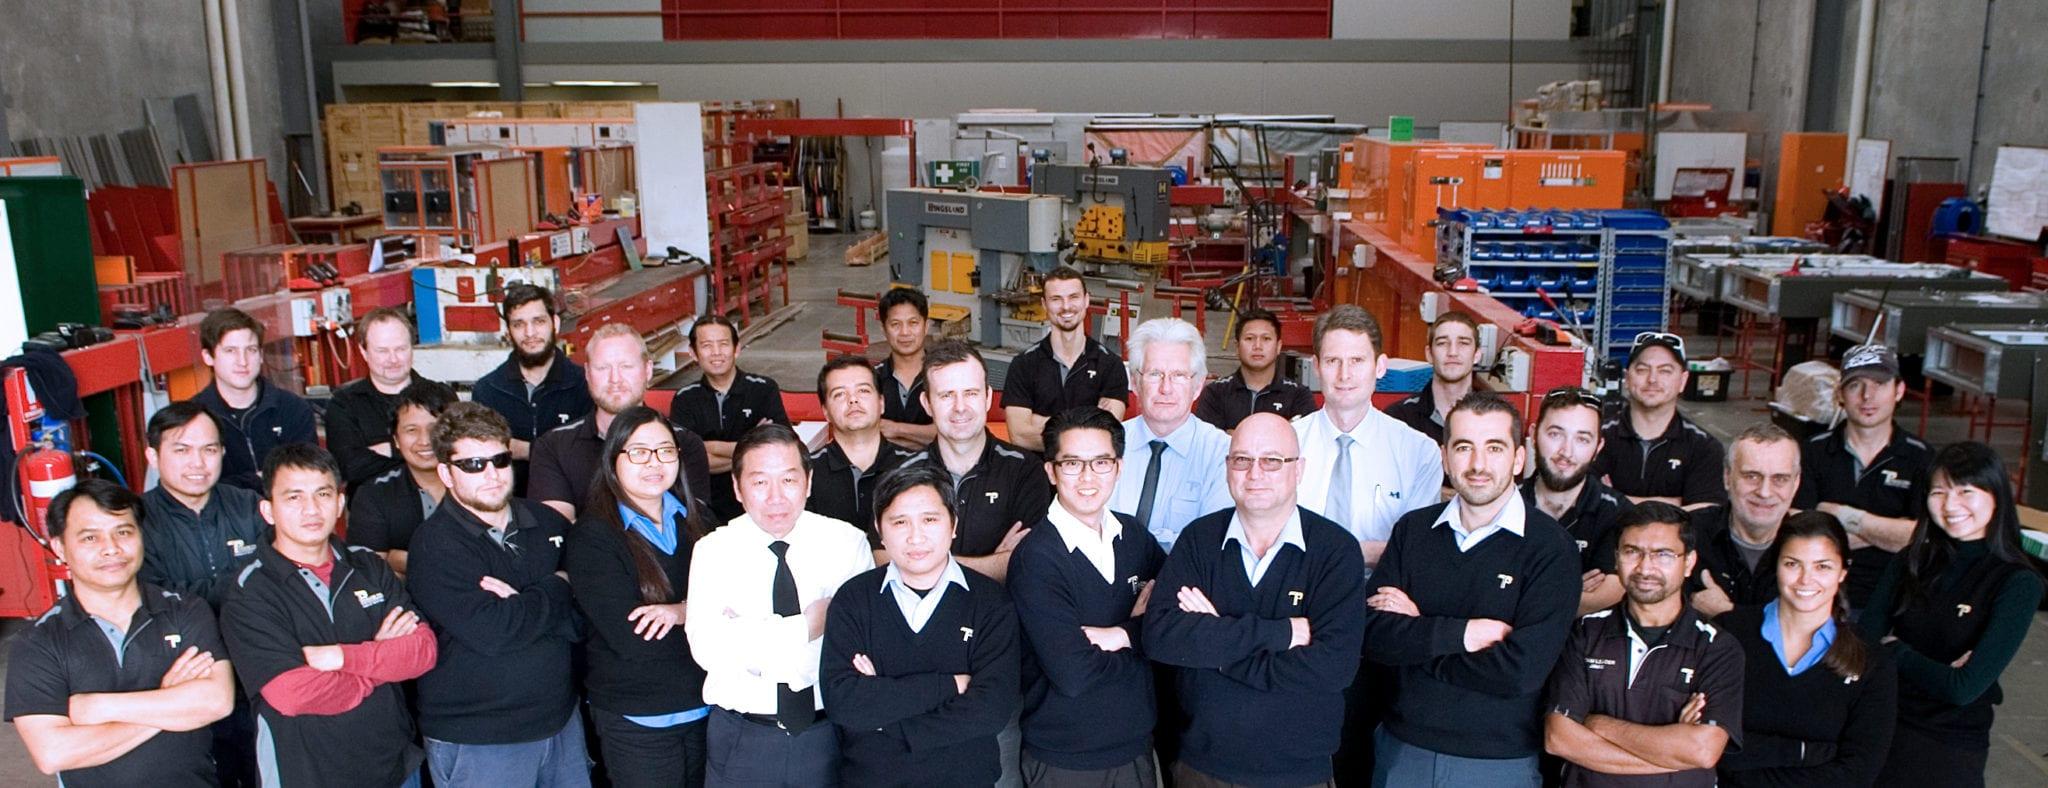 price trandos engineering team